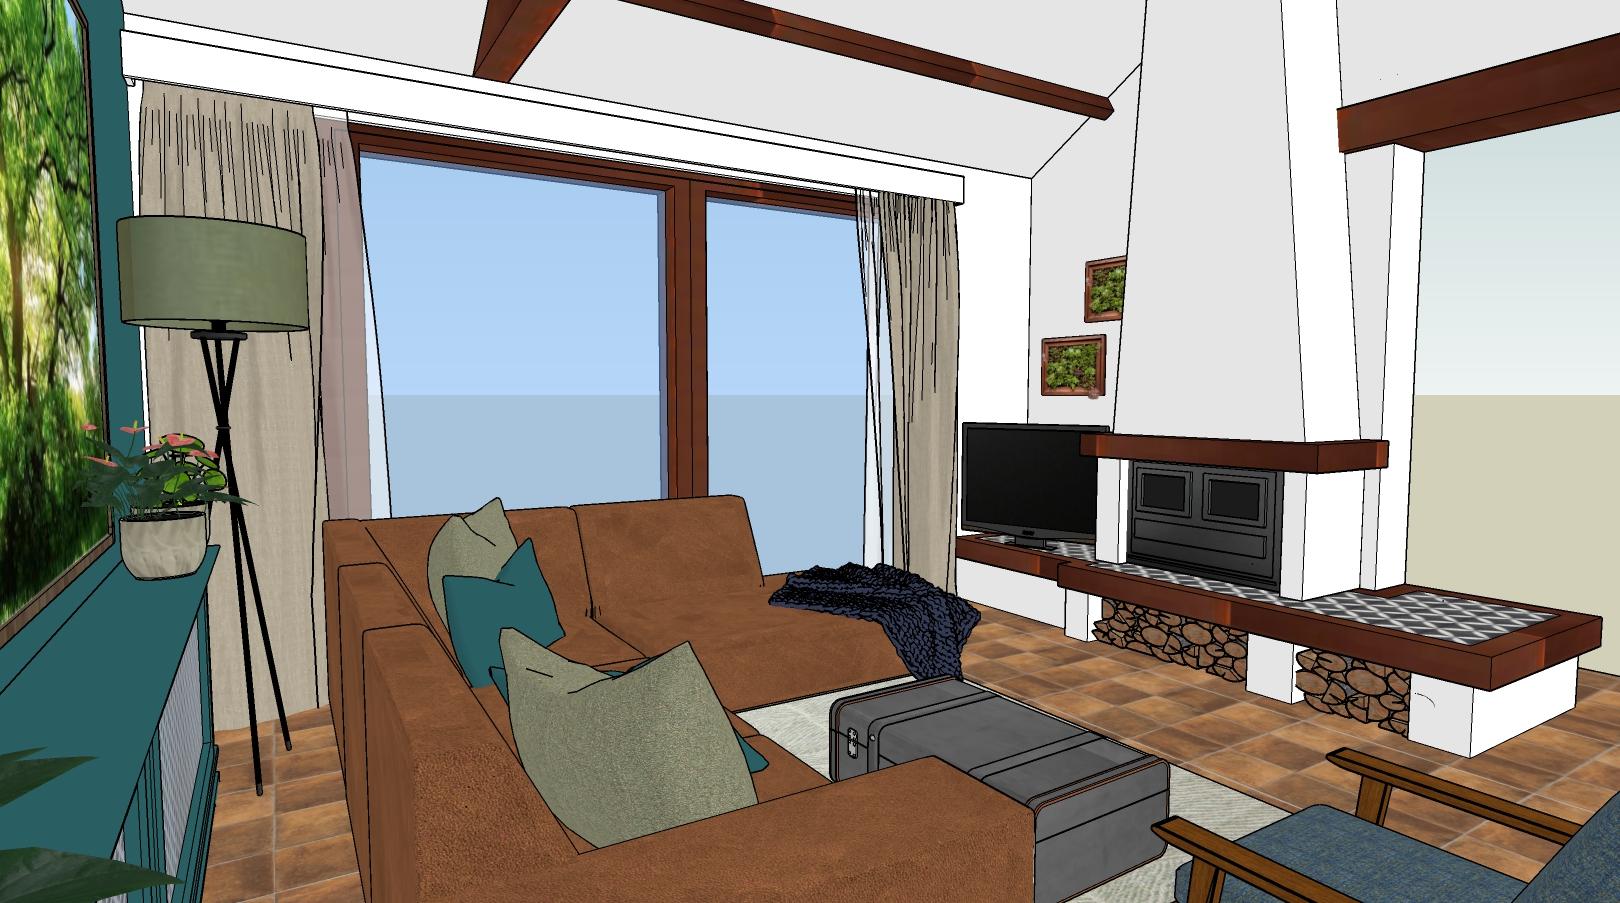 3d ontwerp woonboerderij woonkamer met openhaard